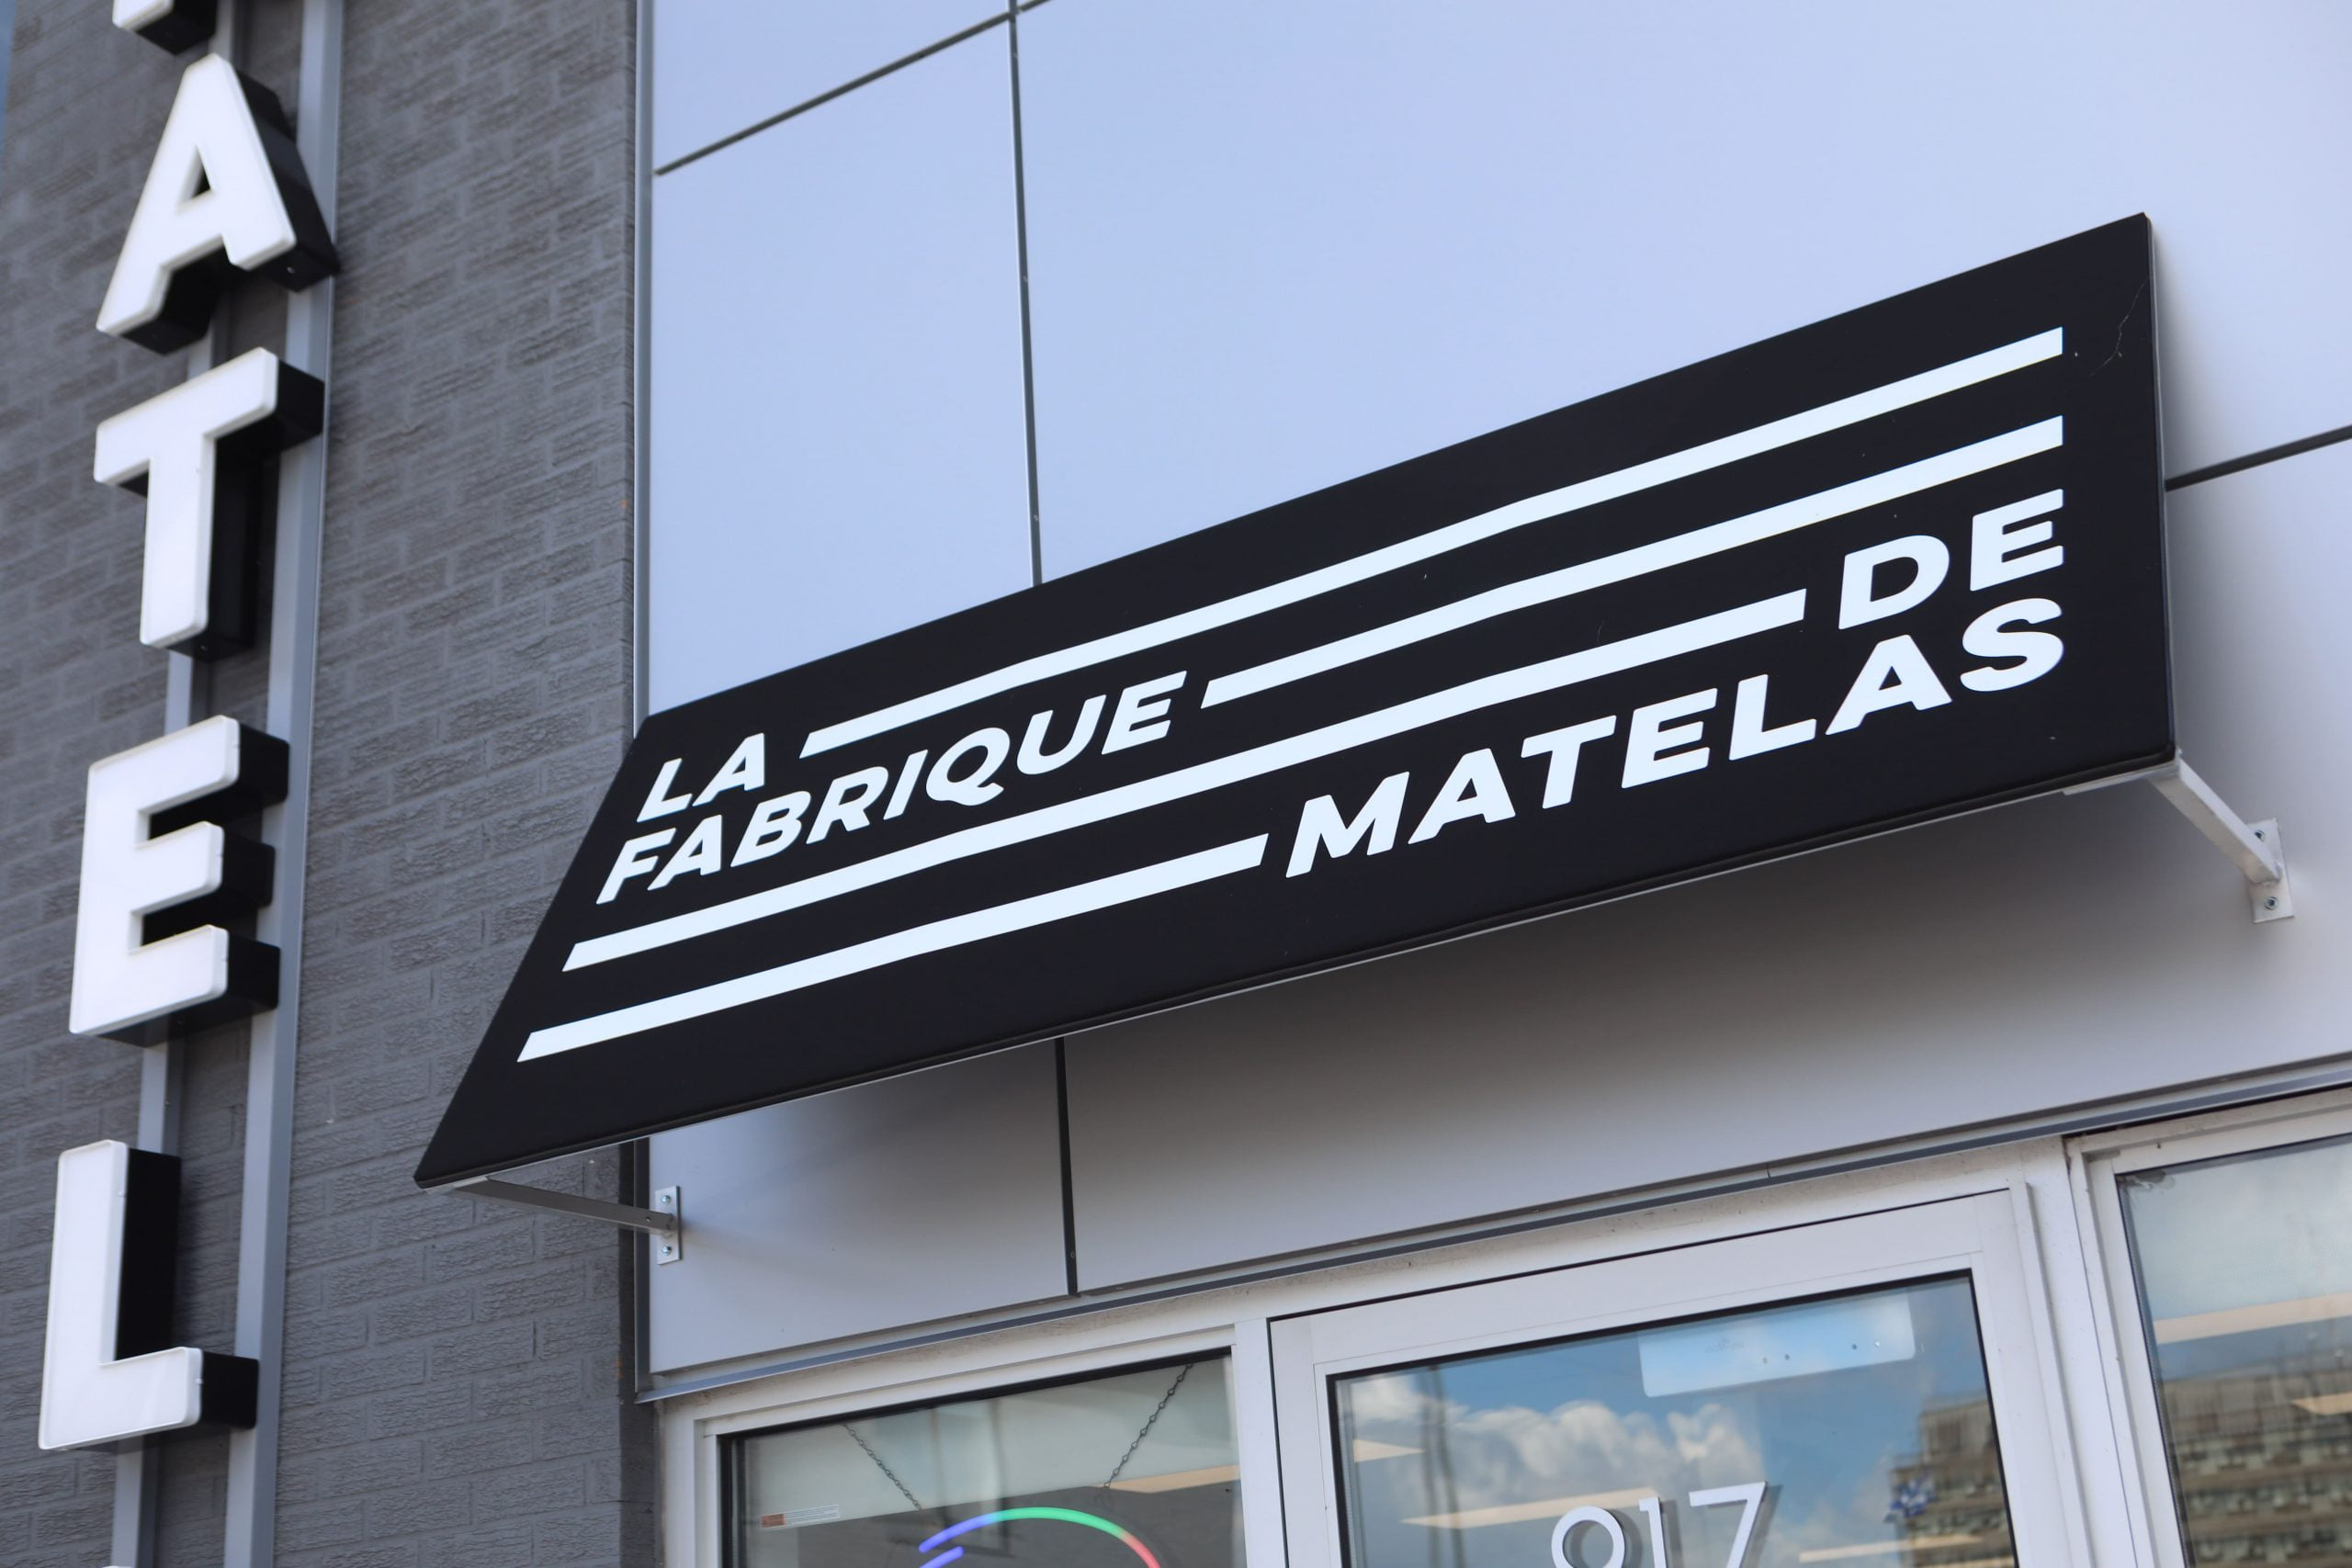 La Fabrique de matelas - Application image de marque - enseigne extérieure